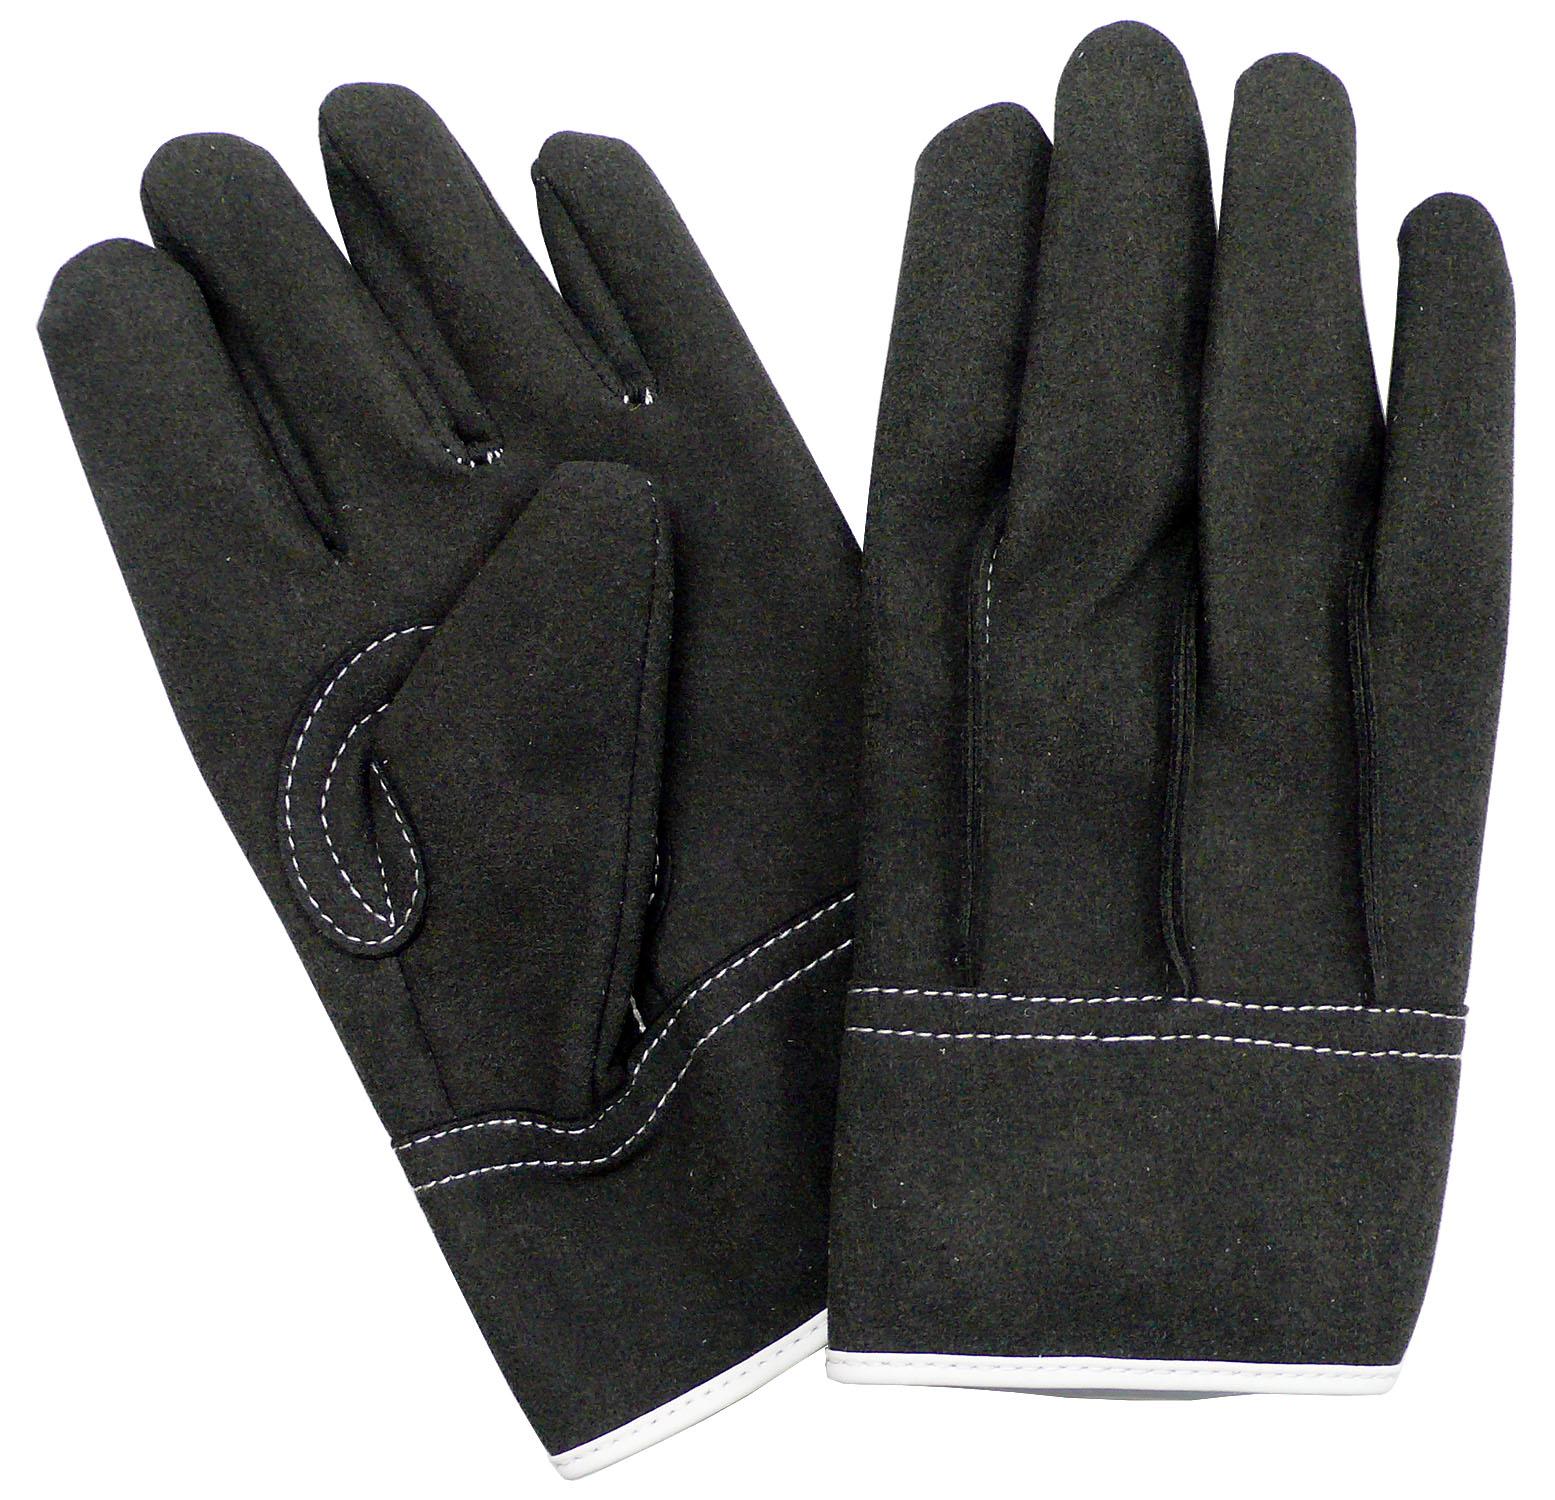 HAMAGLO H901 人工皮革背縫い 人工皮革手袋 10双組 のばのば